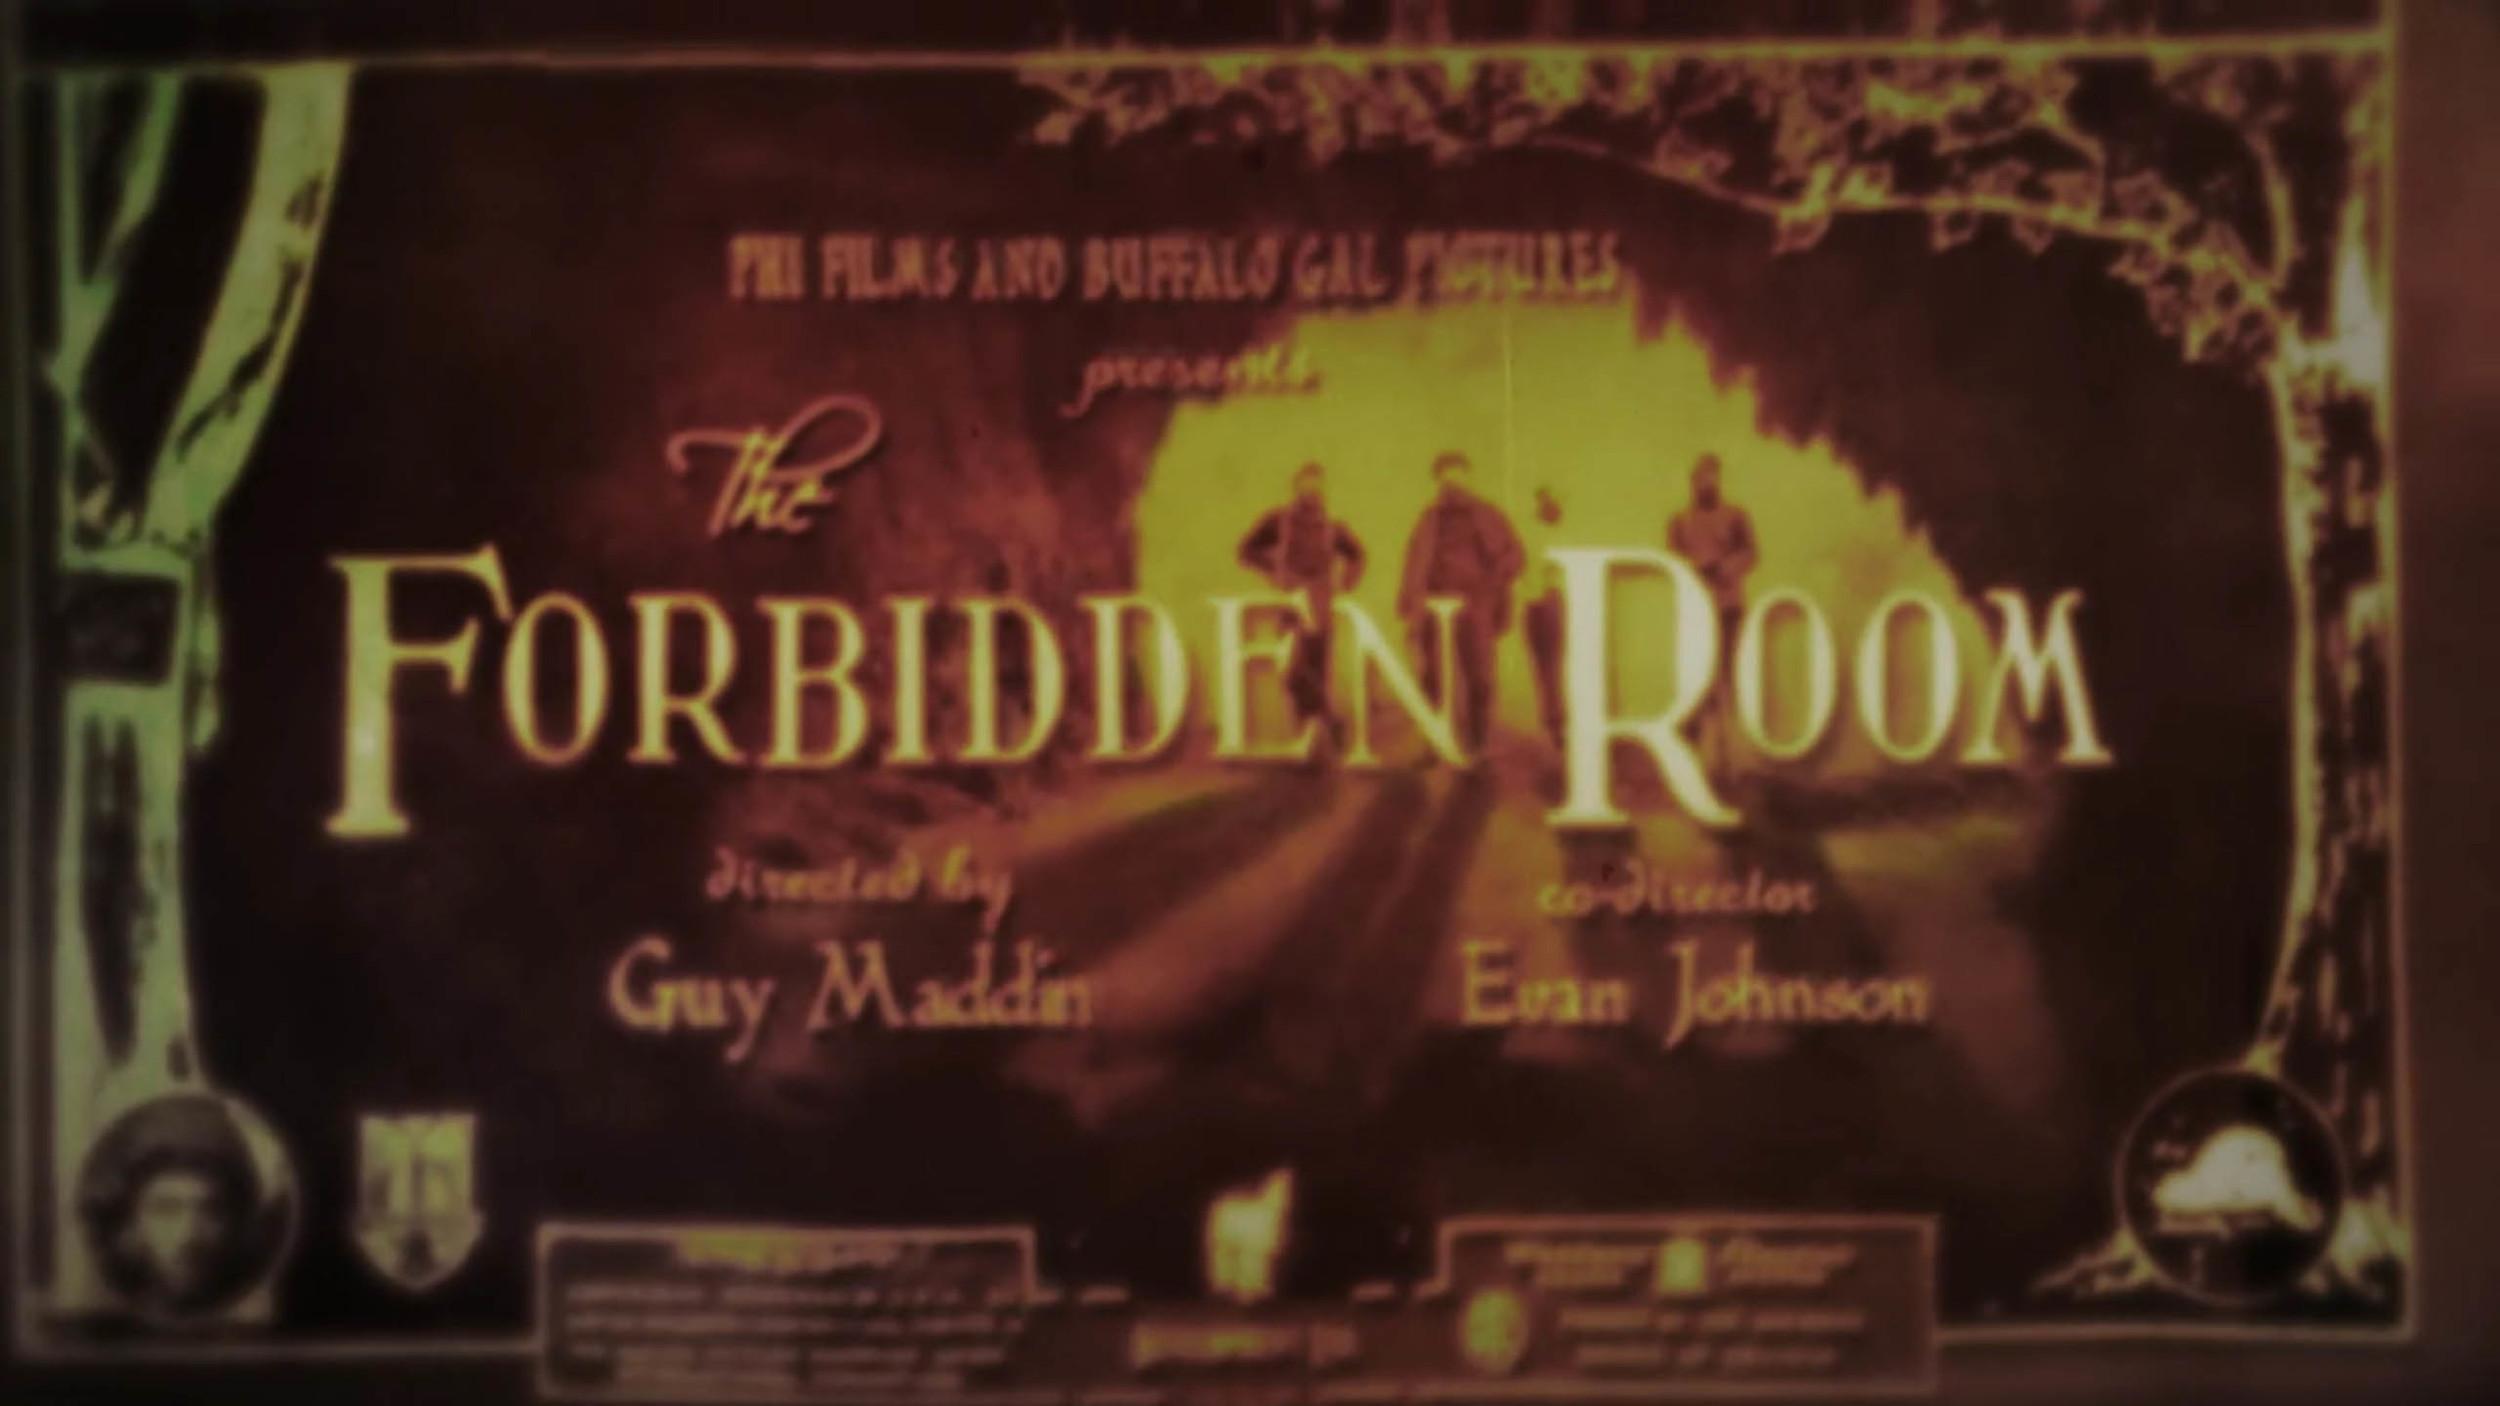 the-forbidden-room-titles-2.jpg